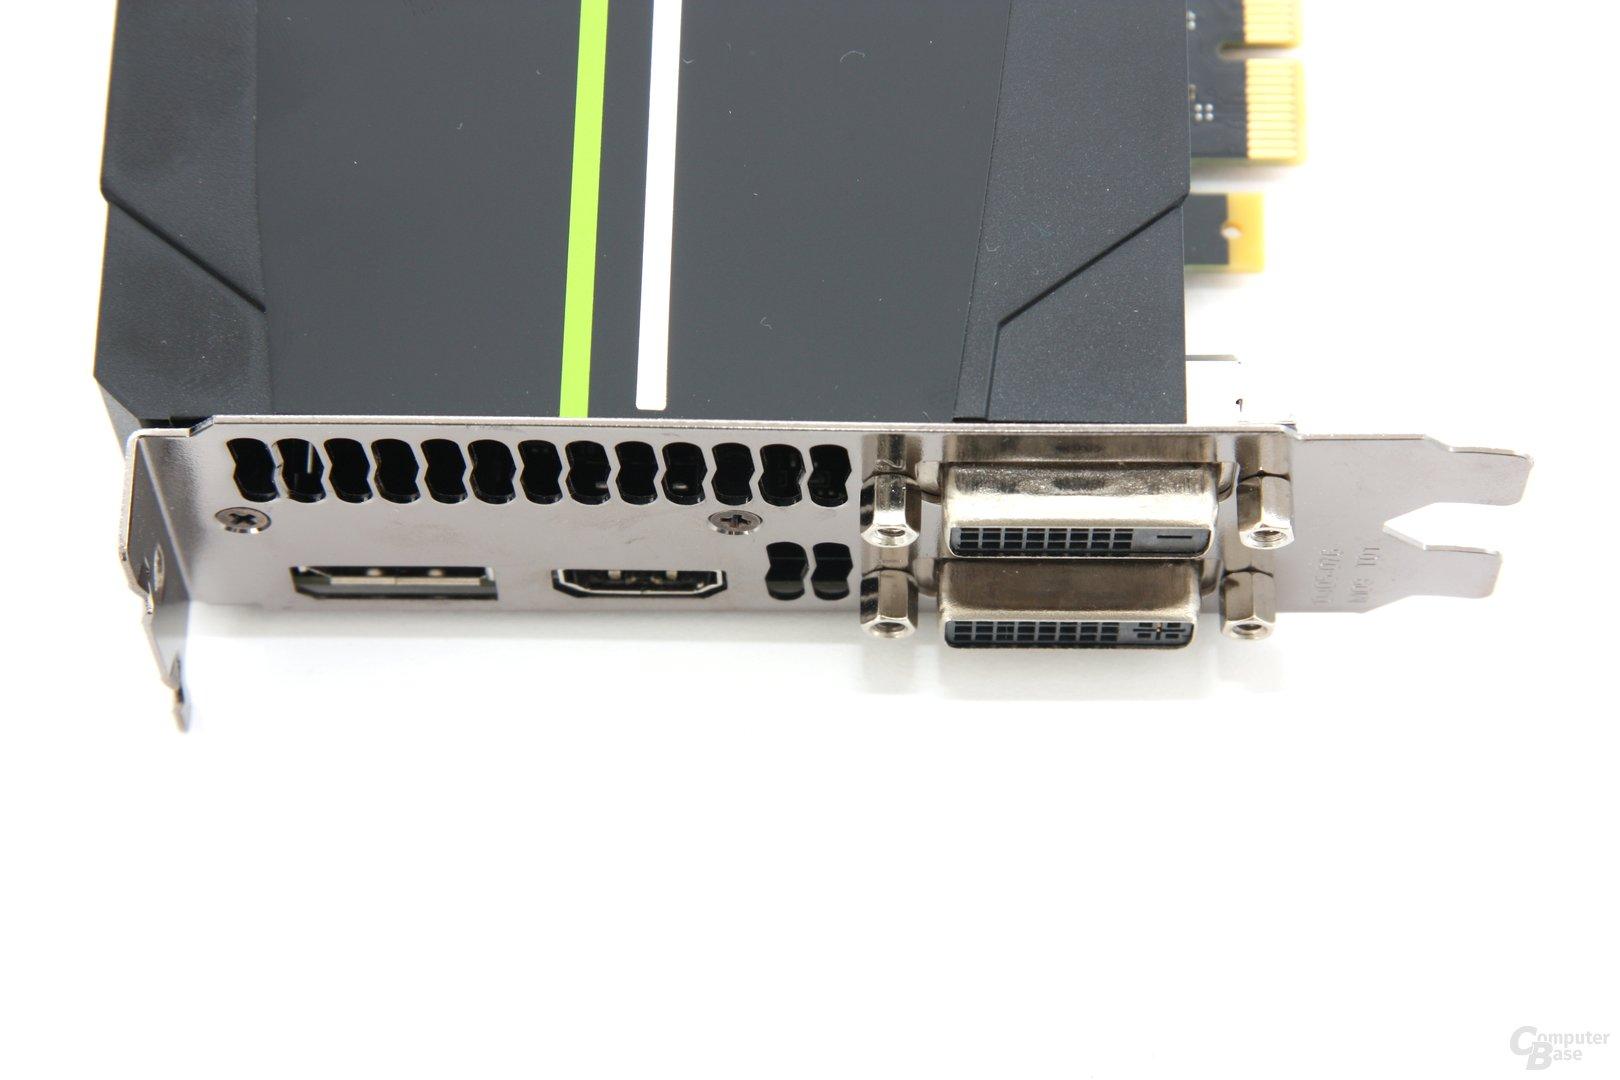 GeForce GTX 680 Anschlüsse